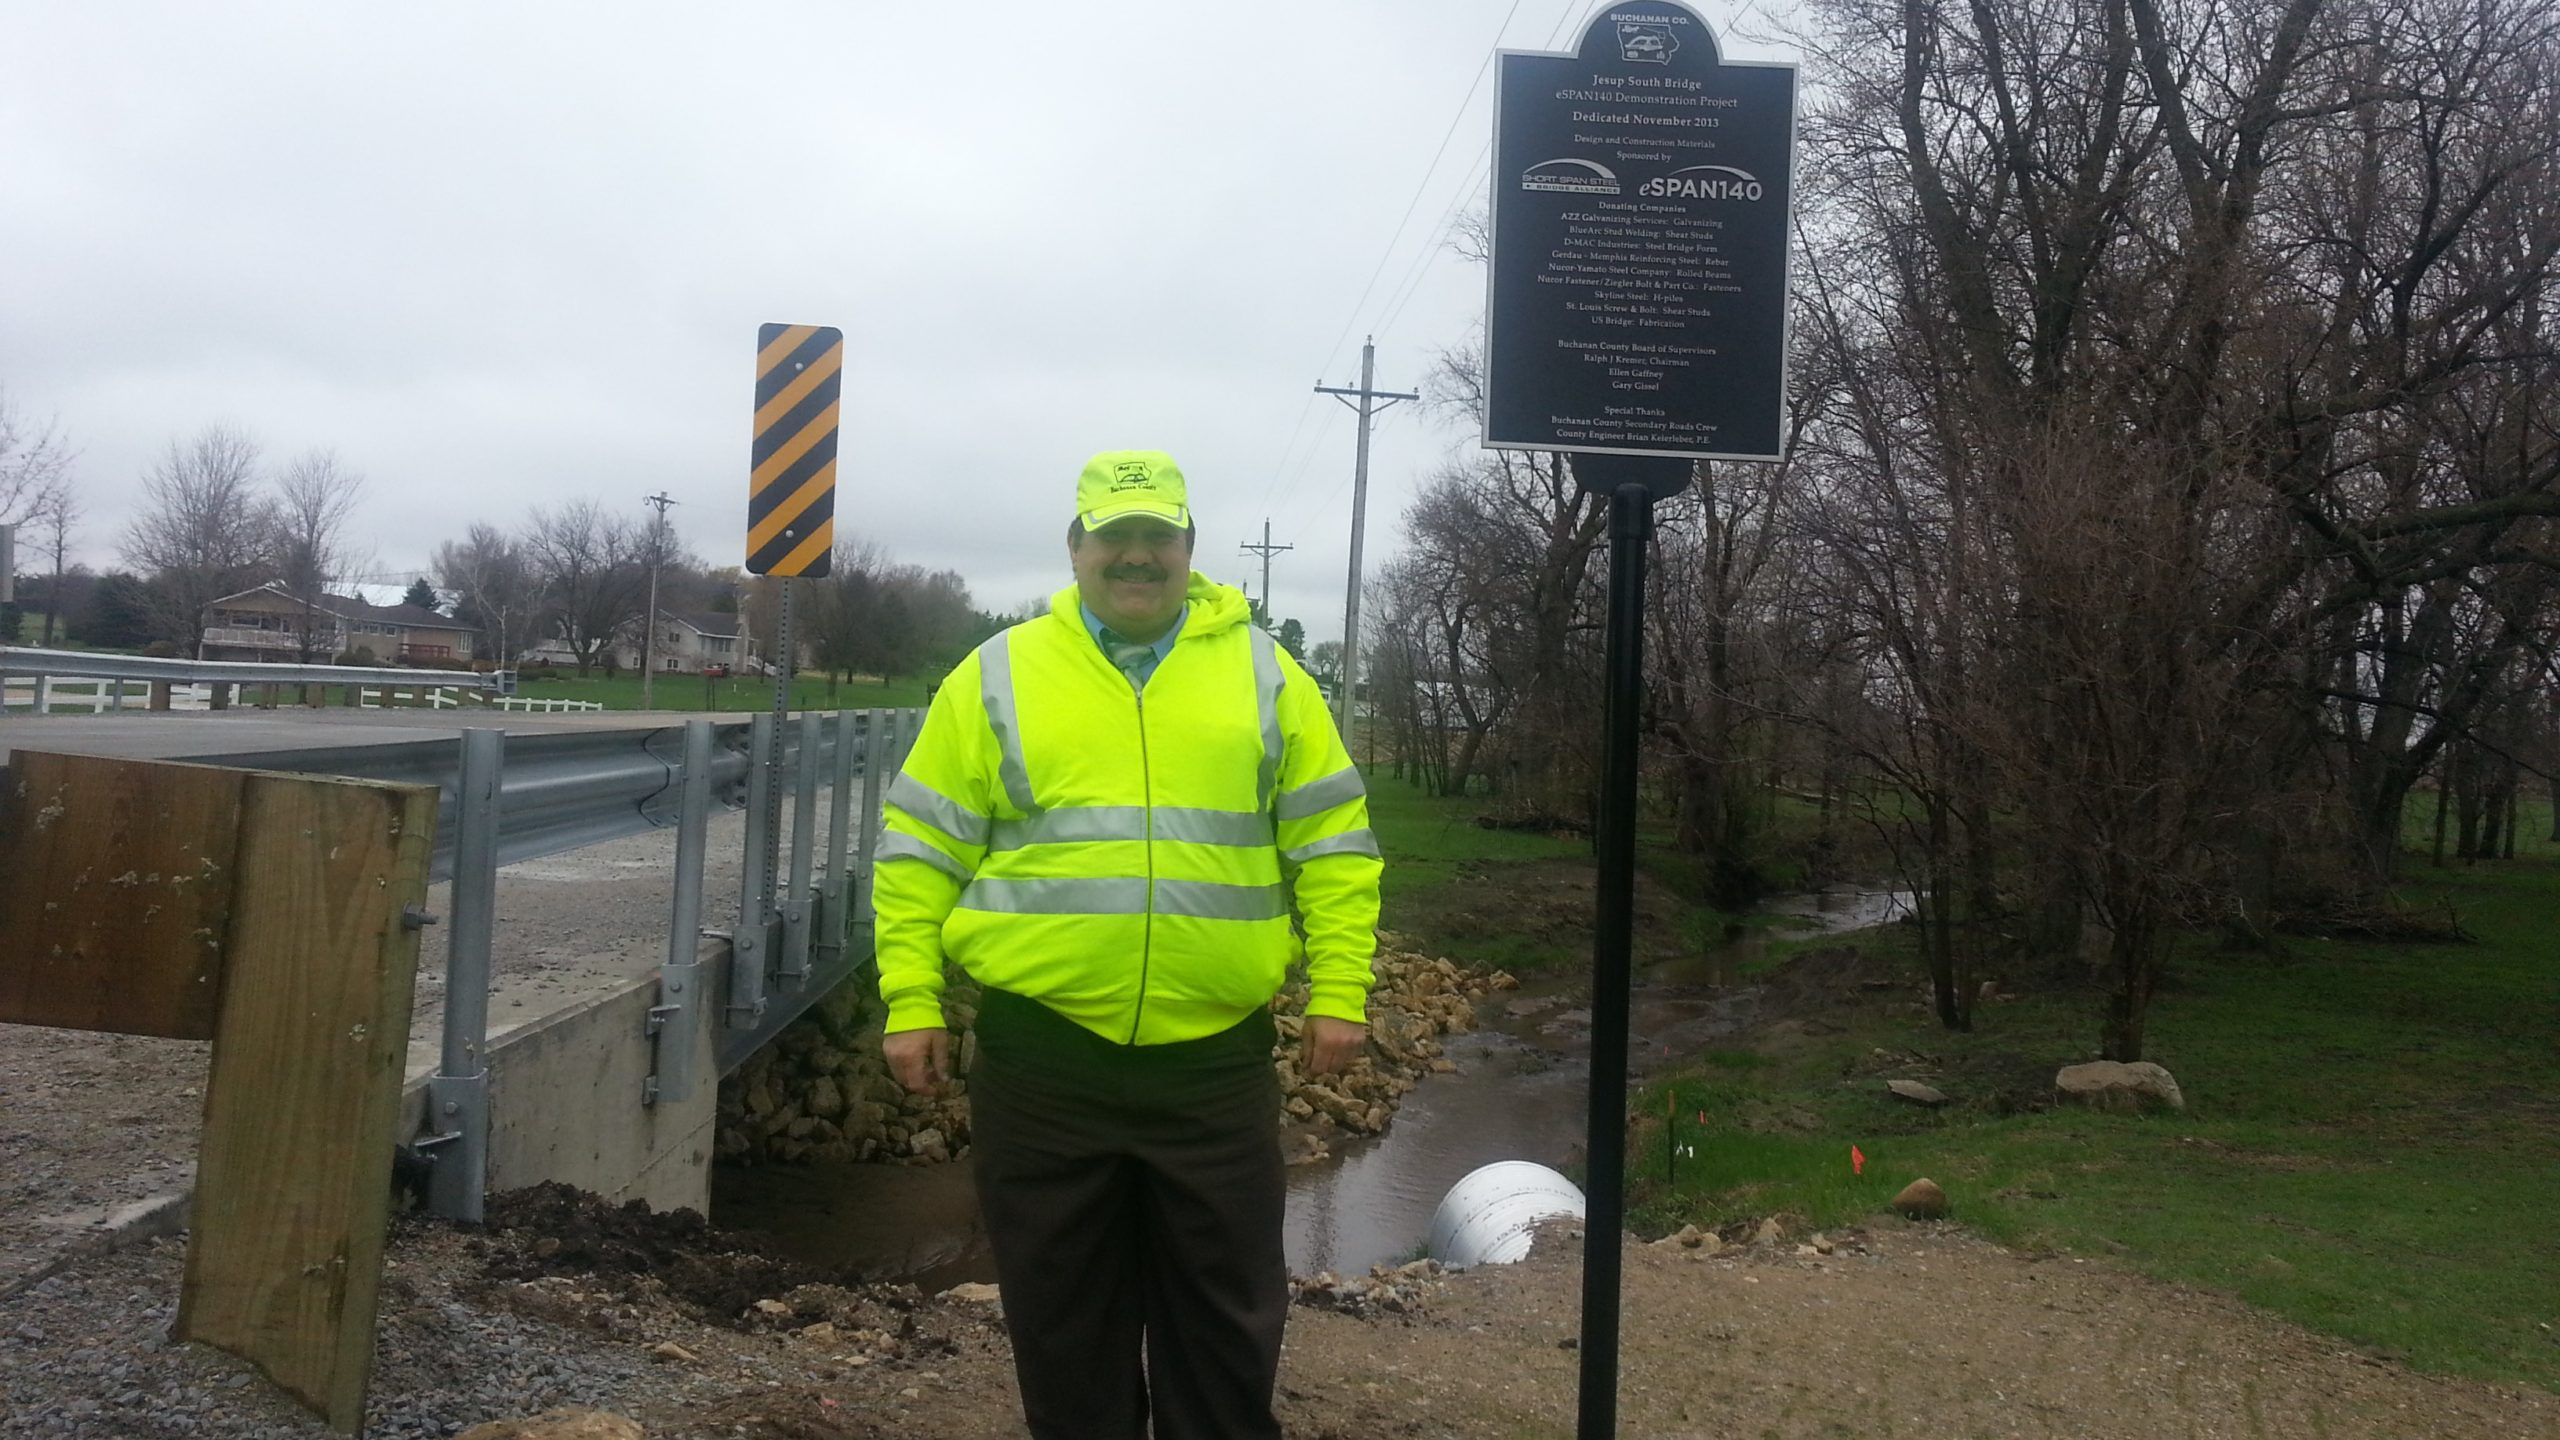 First eSPAN140 Bridge - Brian Keierleber